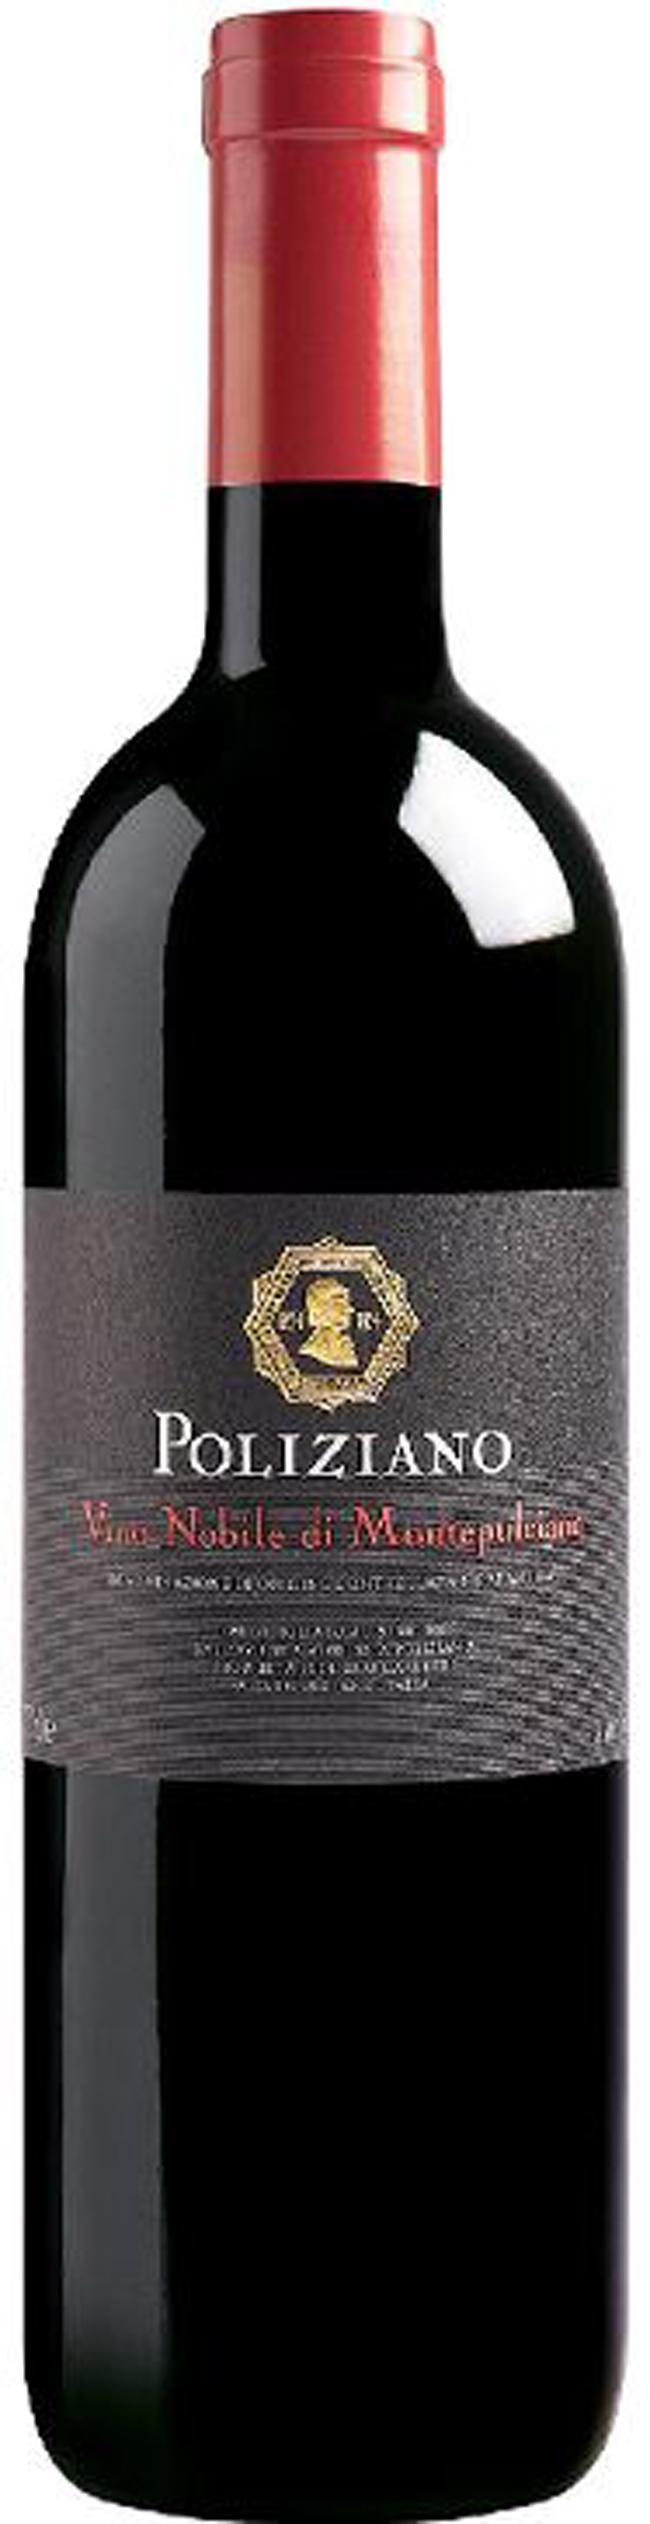 Poliziano Vino Nobile di Montepulciano 2015.